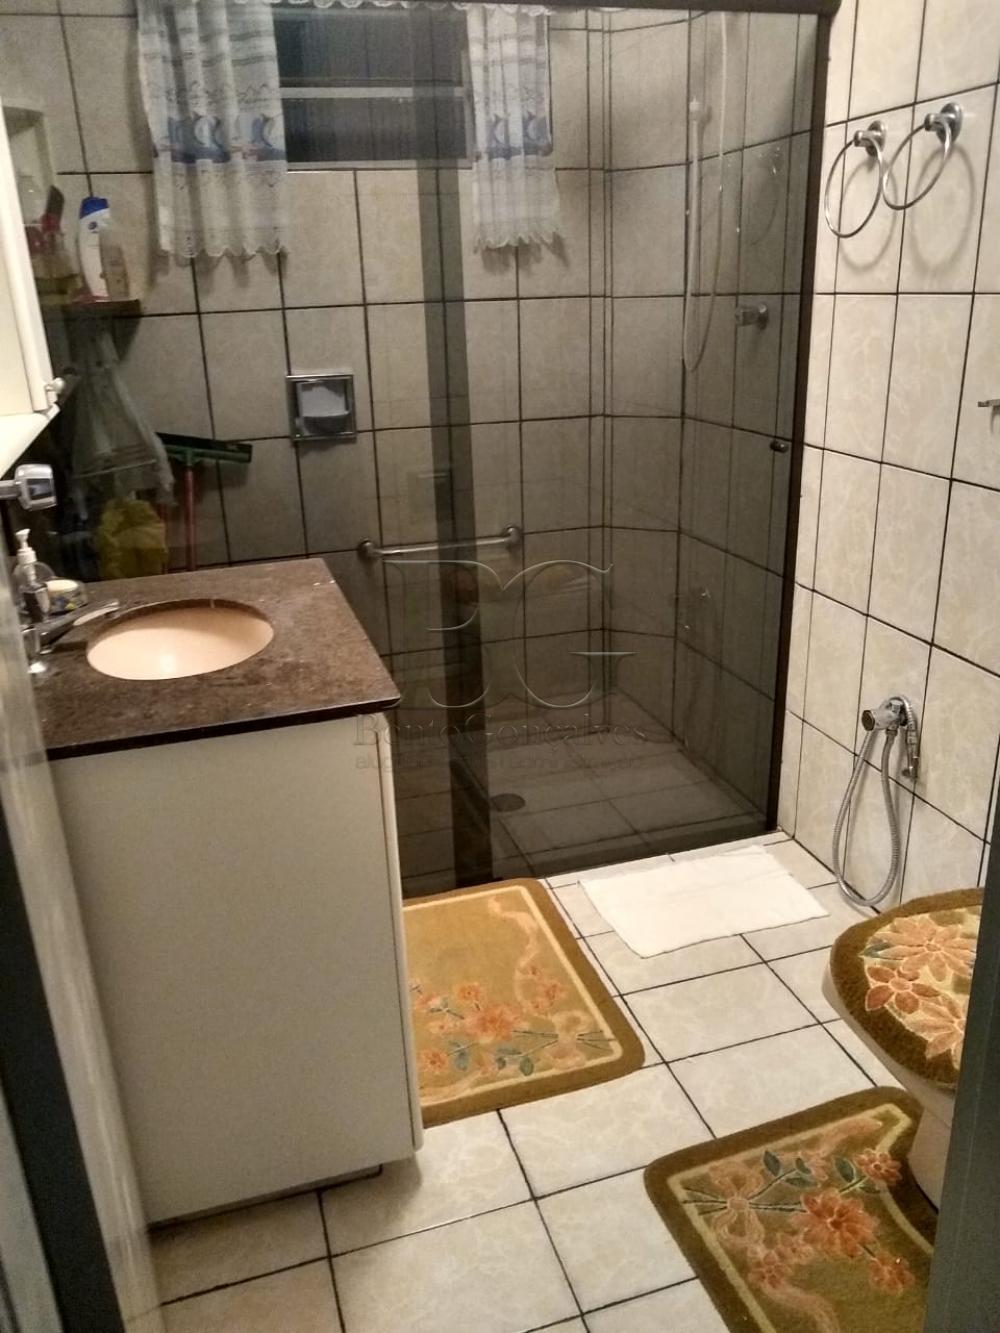 Comprar Apartamentos / Predio comercial e Residencial em Poços de Caldas apenas R$ 400.000,00 - Foto 9